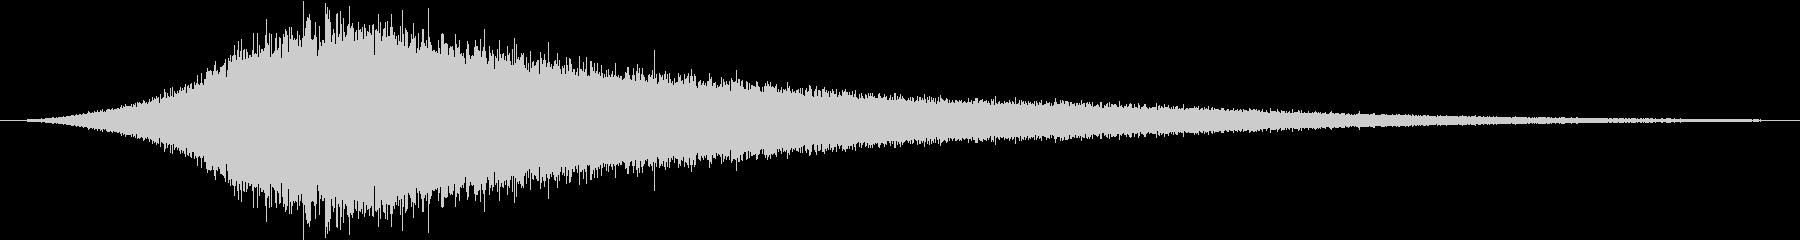 【ホワイトノイズ】サーッ・・・の未再生の波形